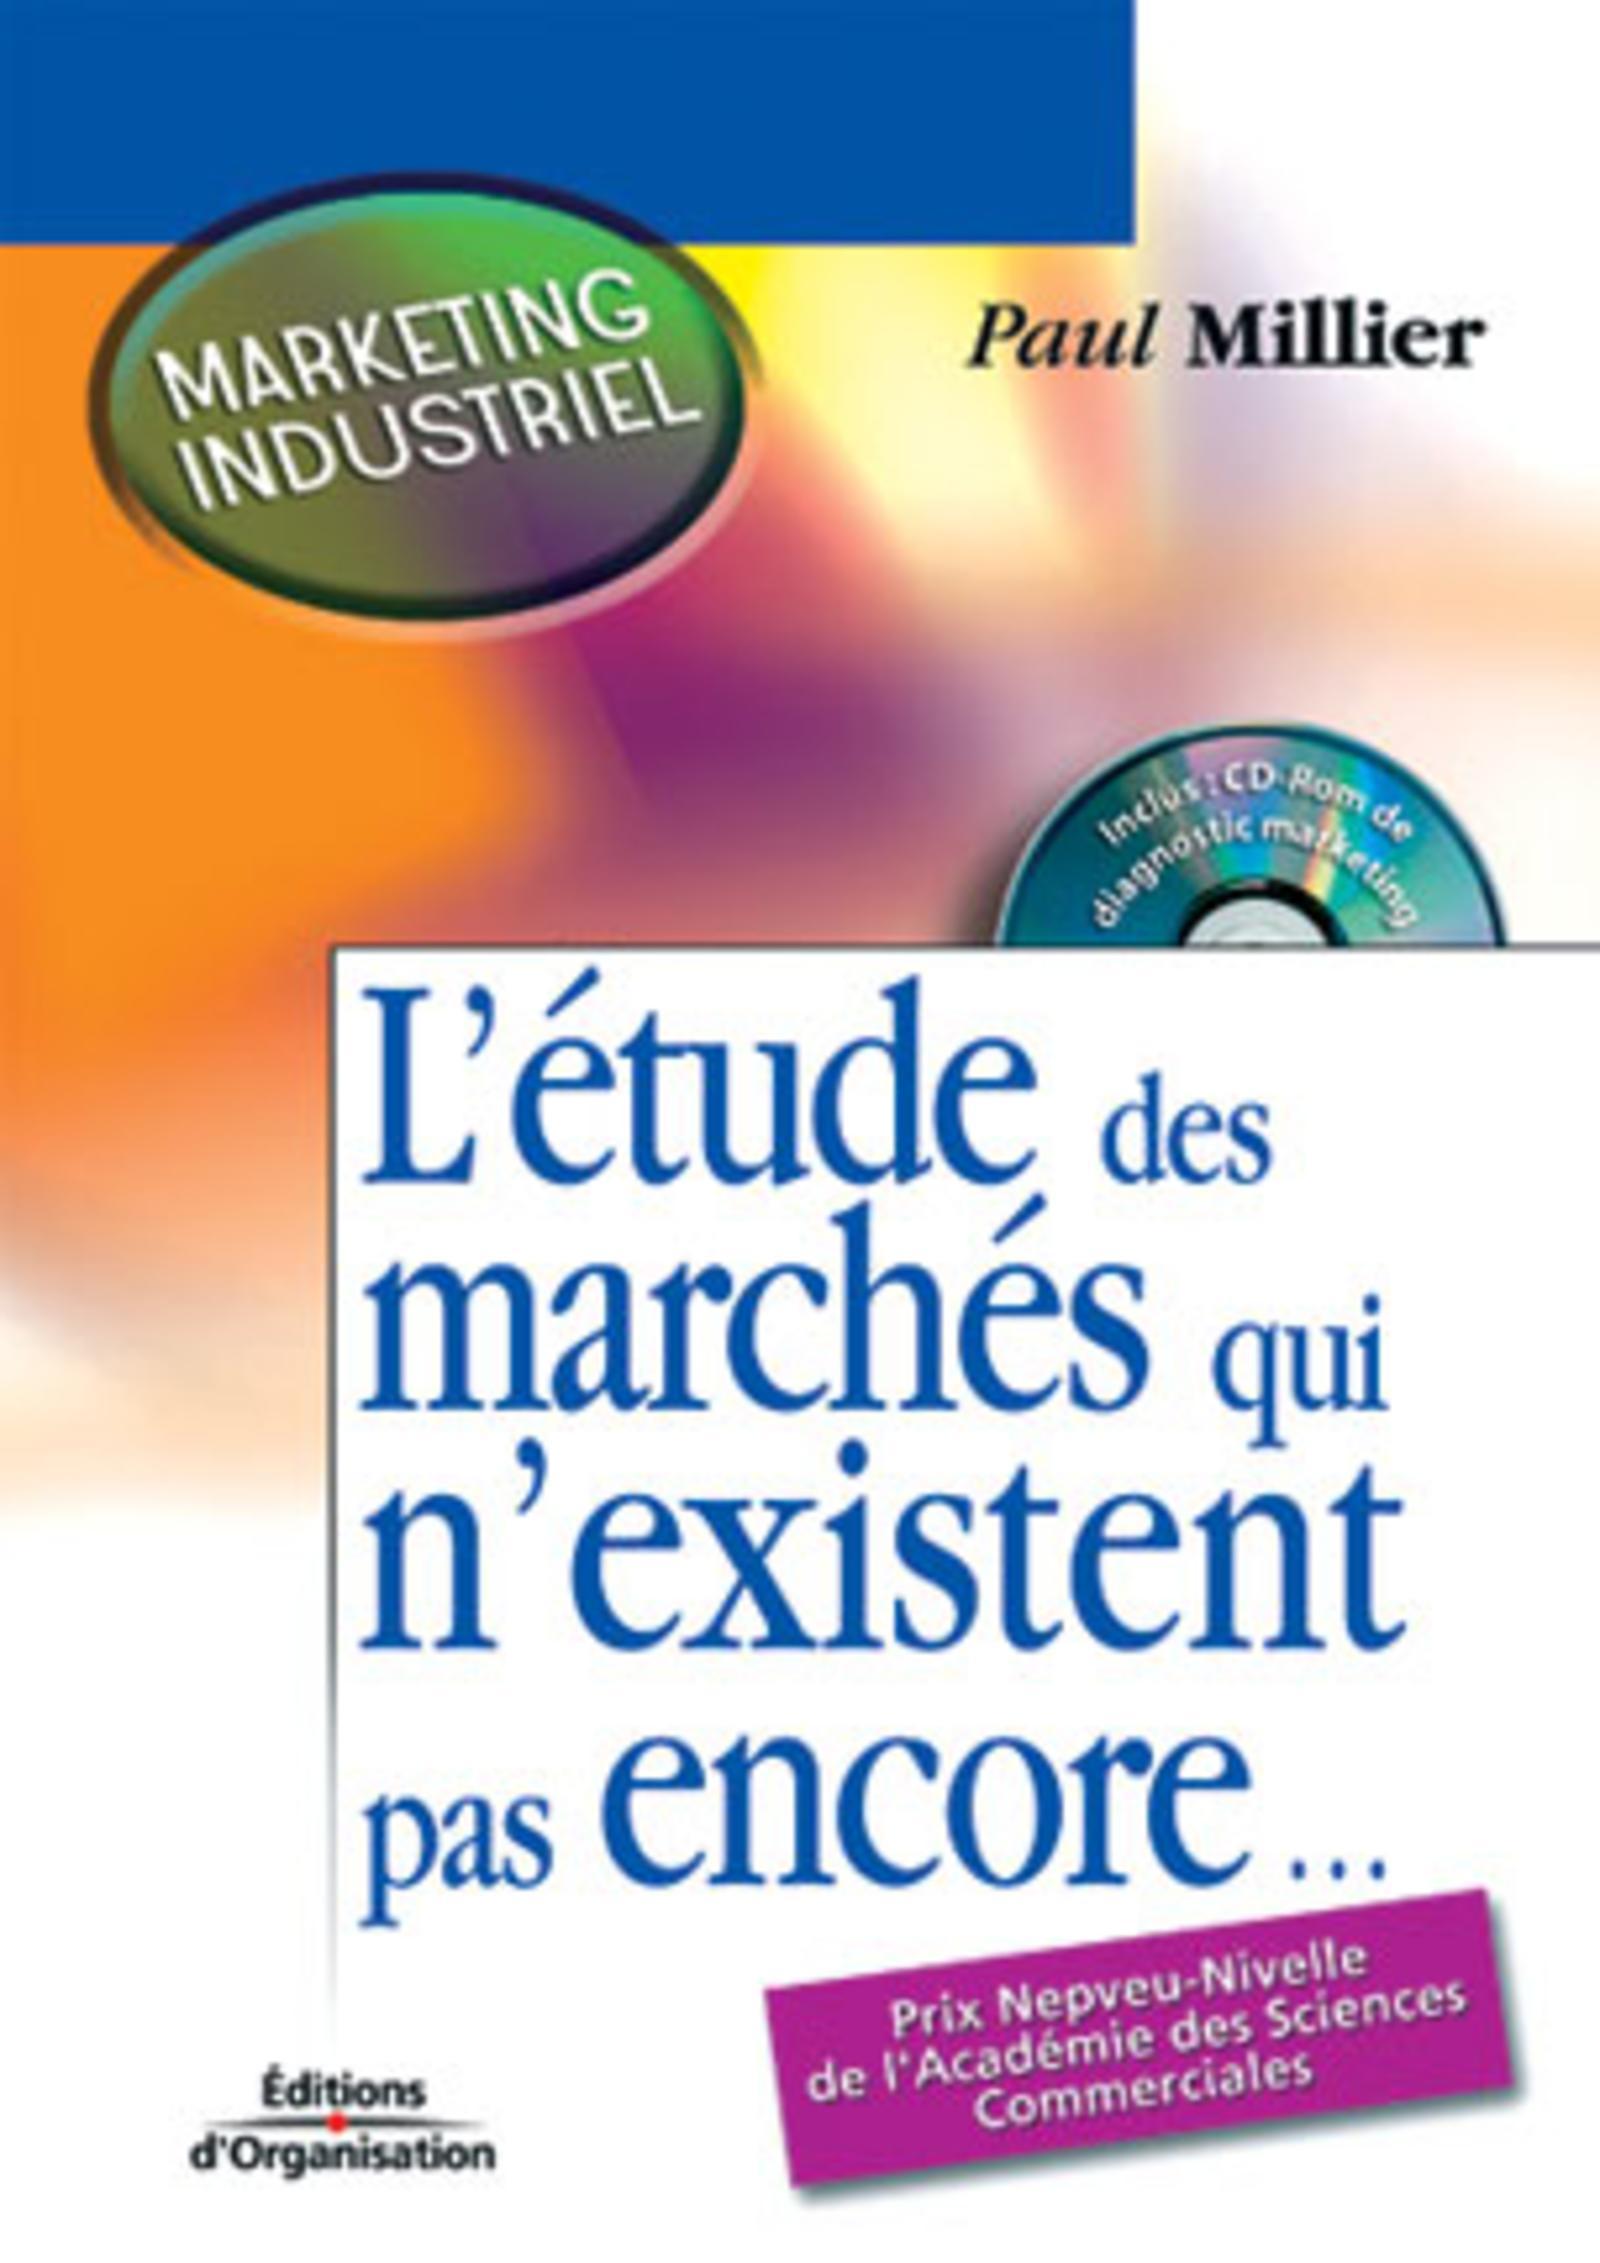 L'ETUDE DES MARCHES QUI N'EXISTENT PAS ENCORE...